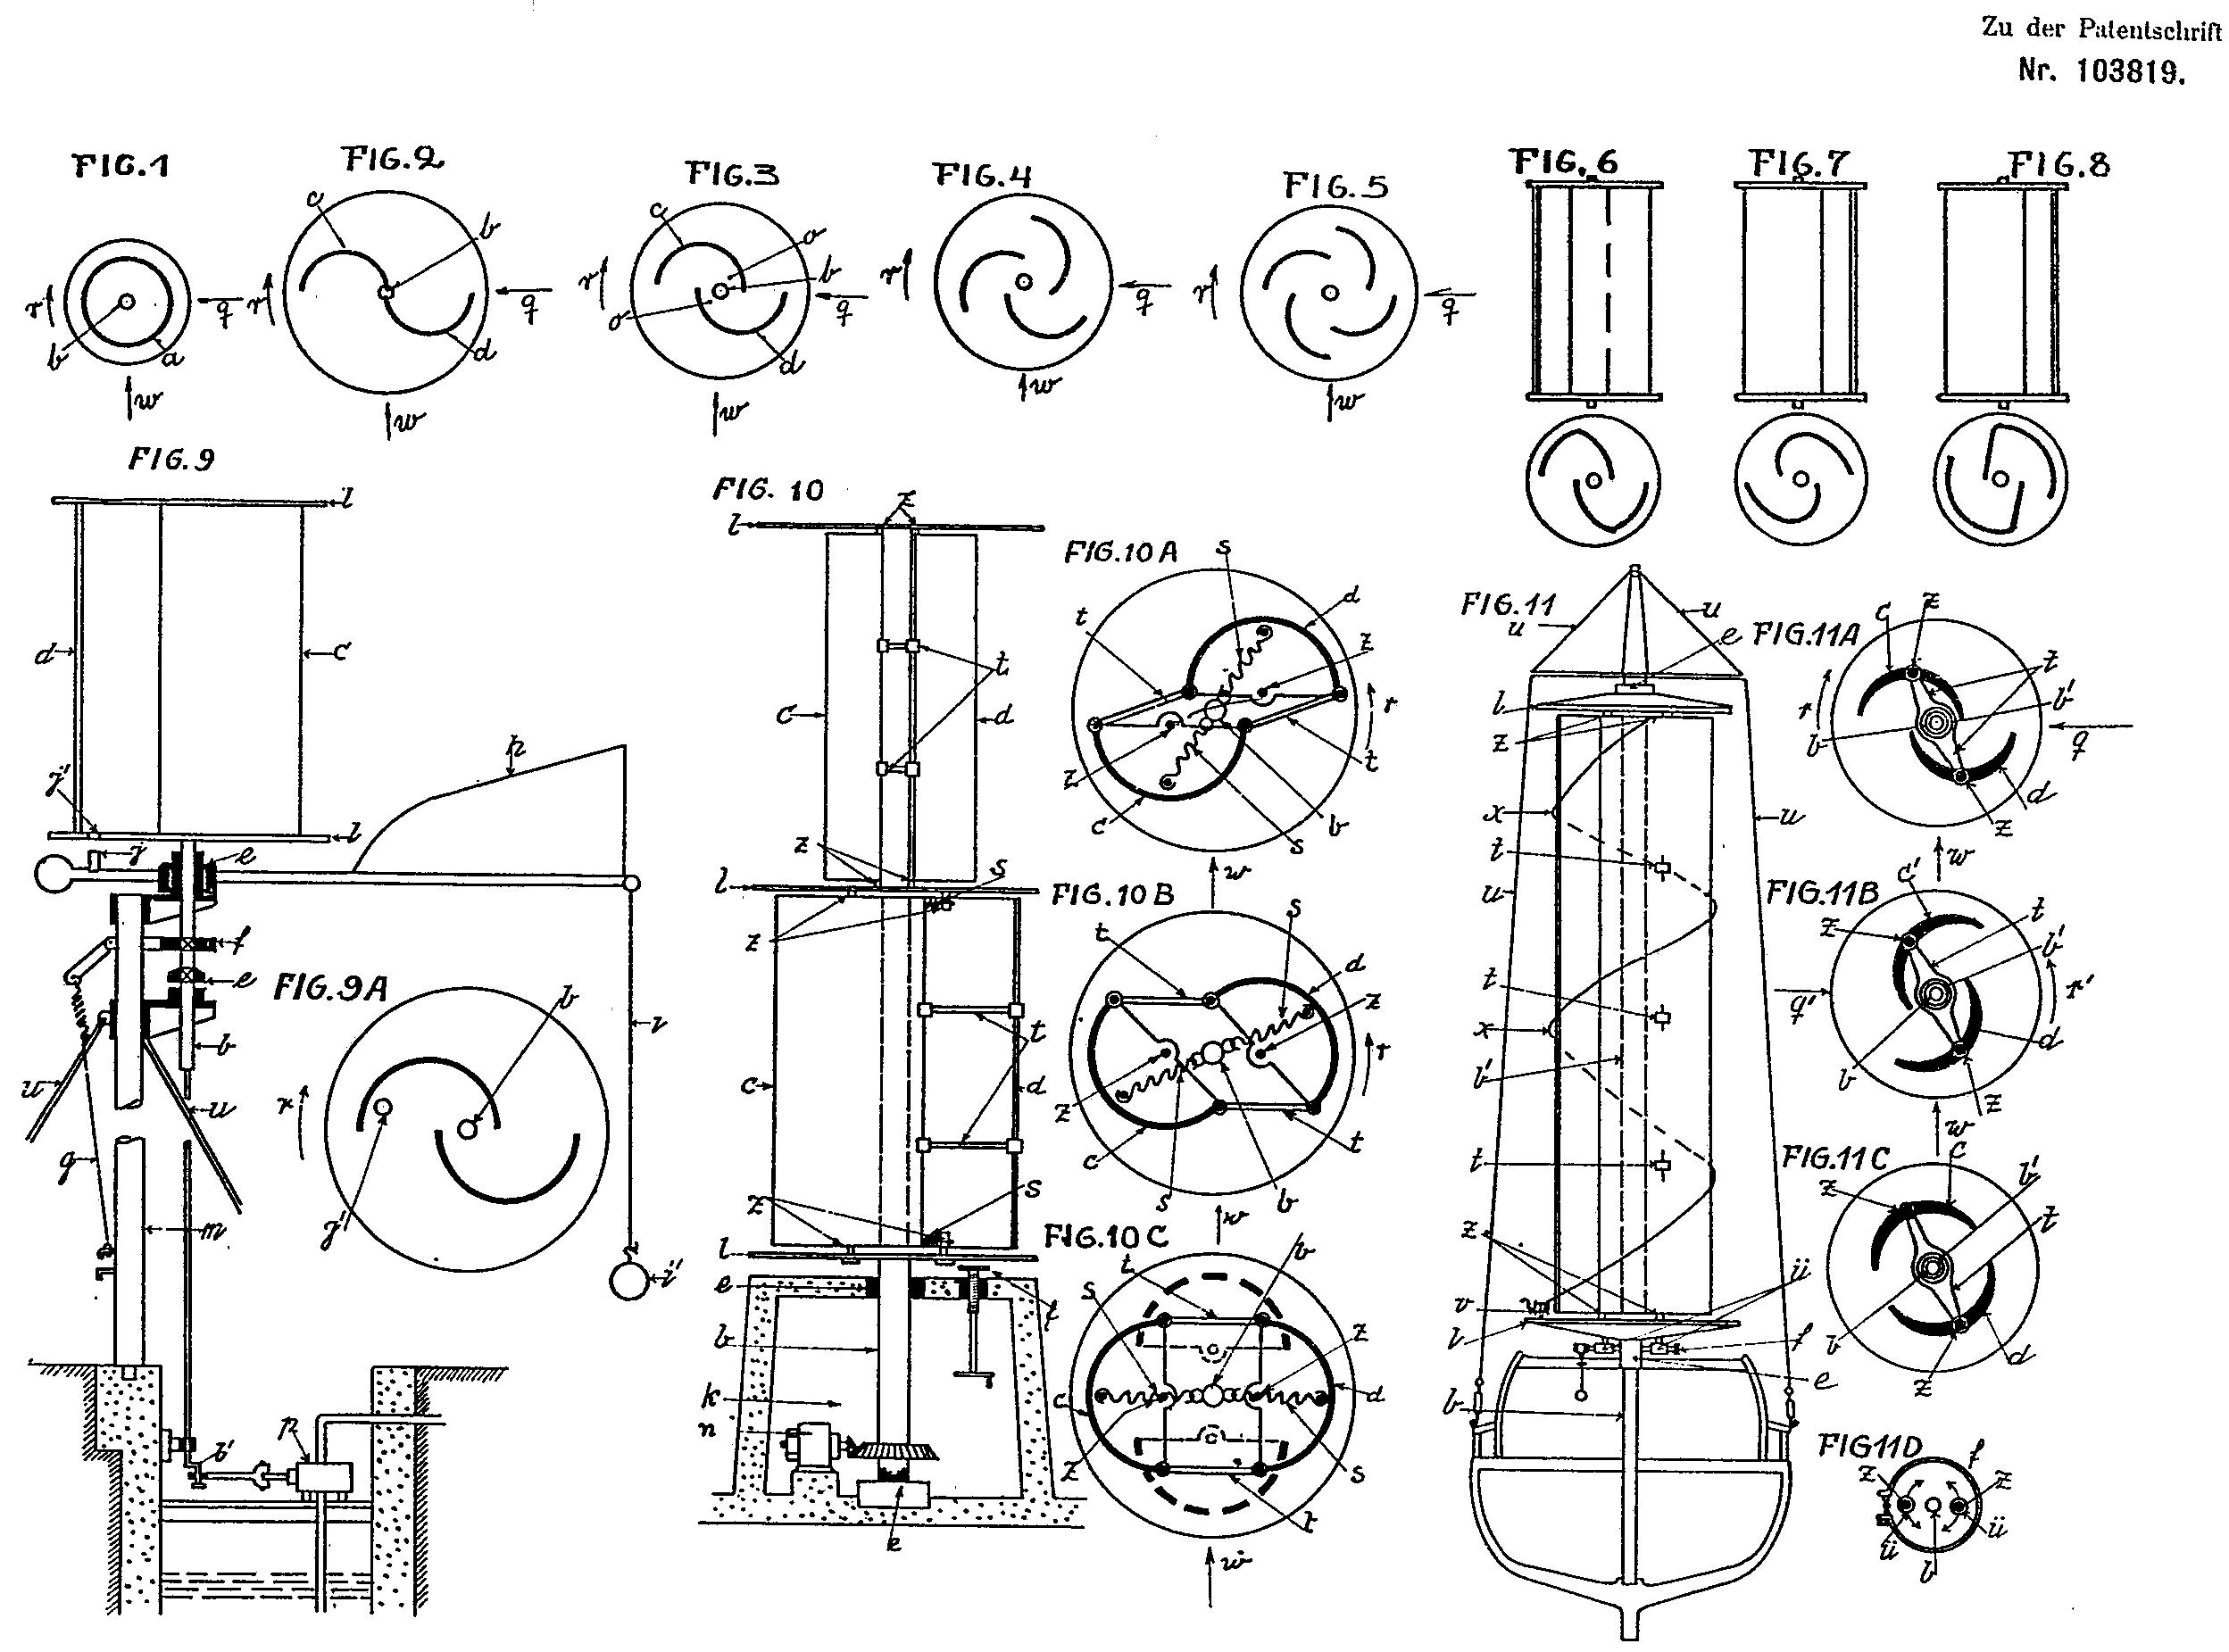 Чертежи из австрийского патента Савониуса 1925